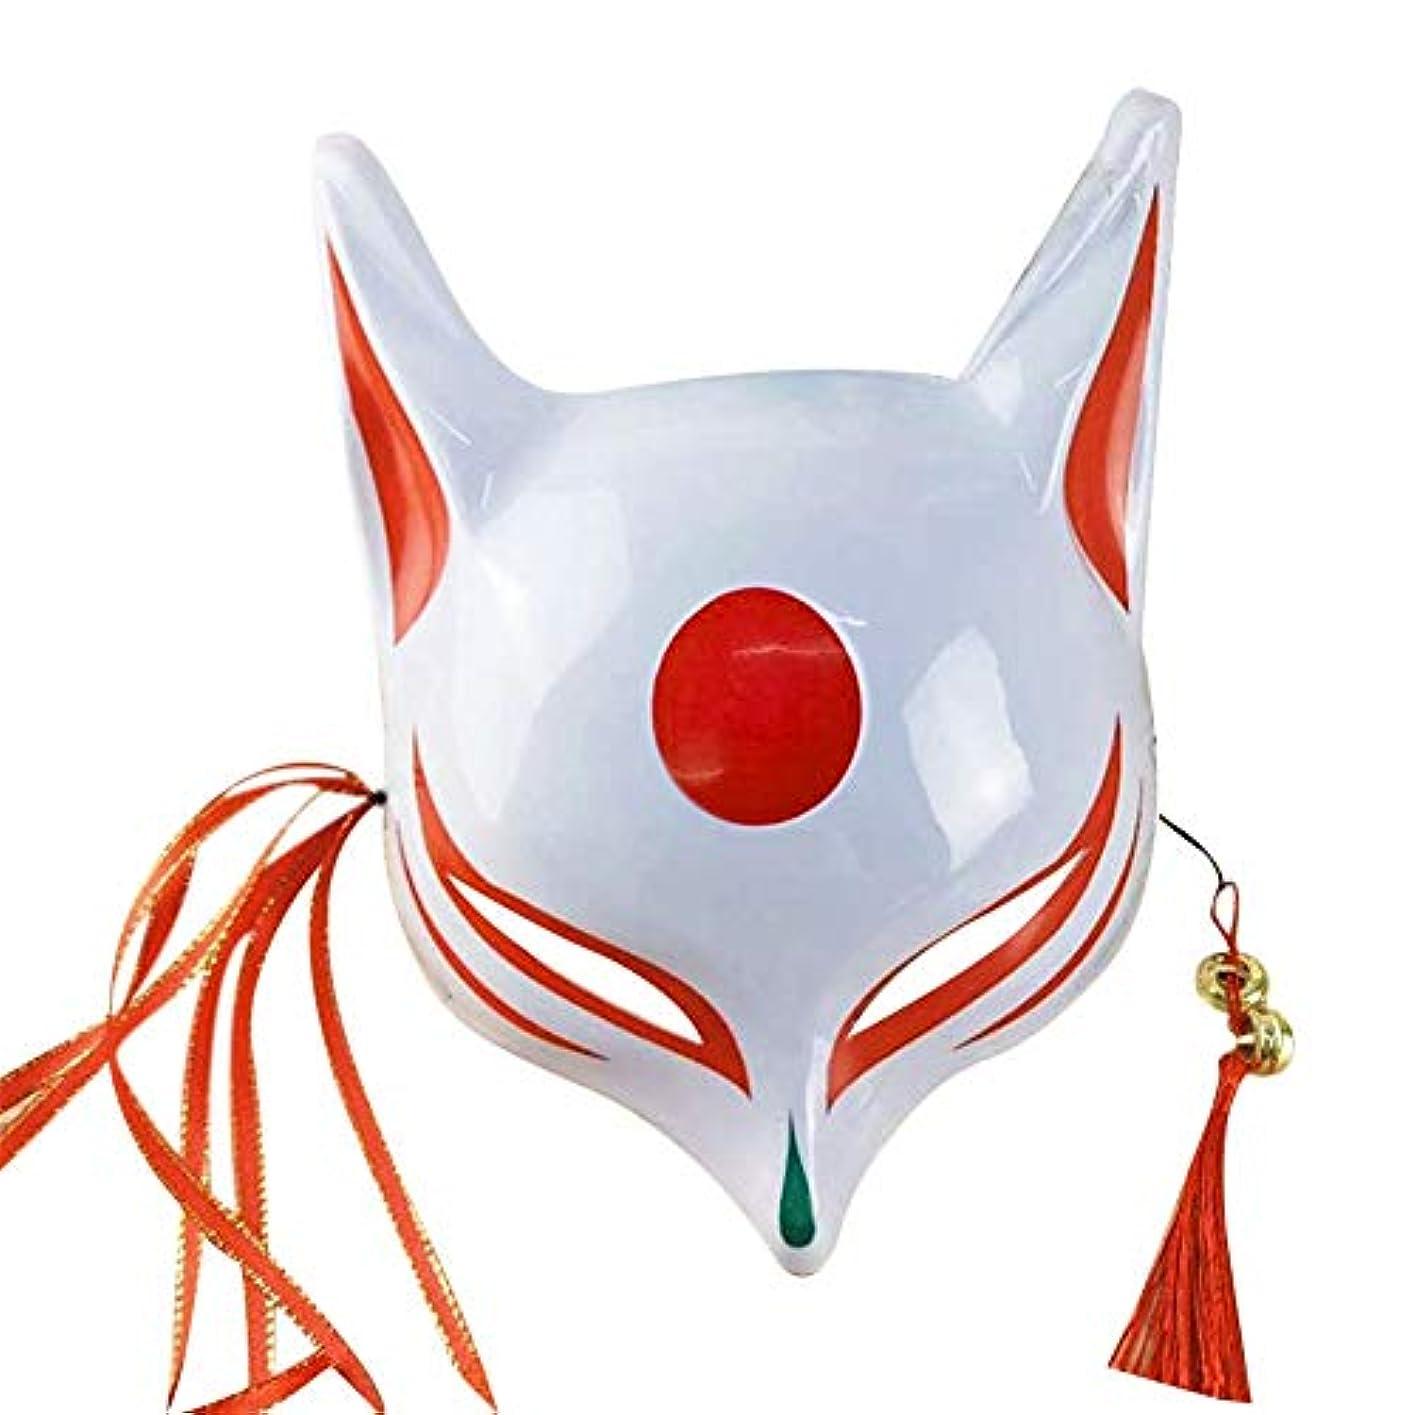 持っている秀でるブレースKISSION手描きのマスクフォックスハーフフェイスマスクロールプレイ仮装ドレスアップ マスクバーパーティー キツネの妖精の半分の顔 和風の手描き